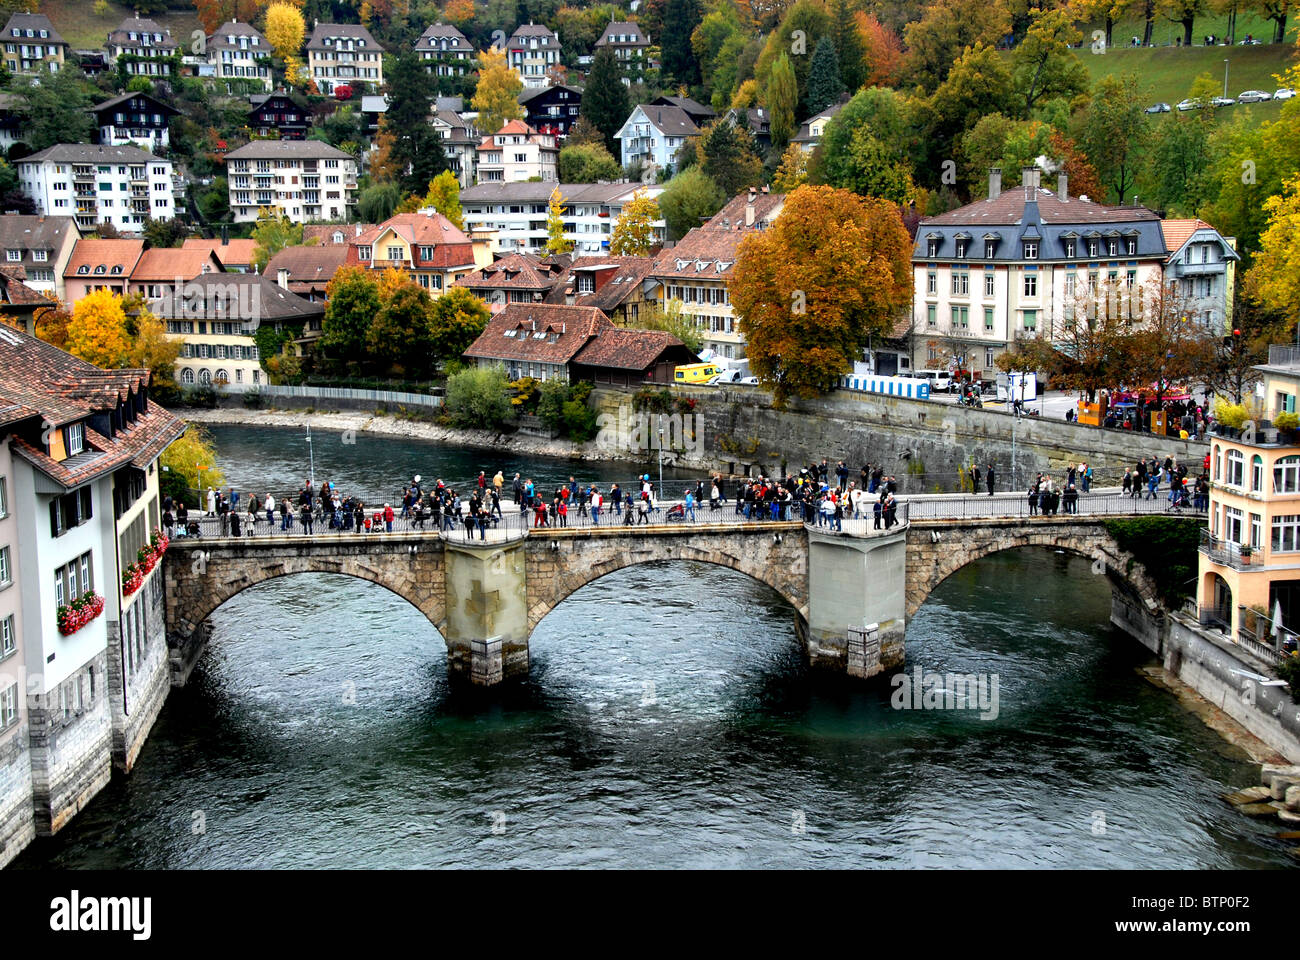 Ciudad de Berna, con puente Nydegg río Aare, Berna, Suiza Foto de stock